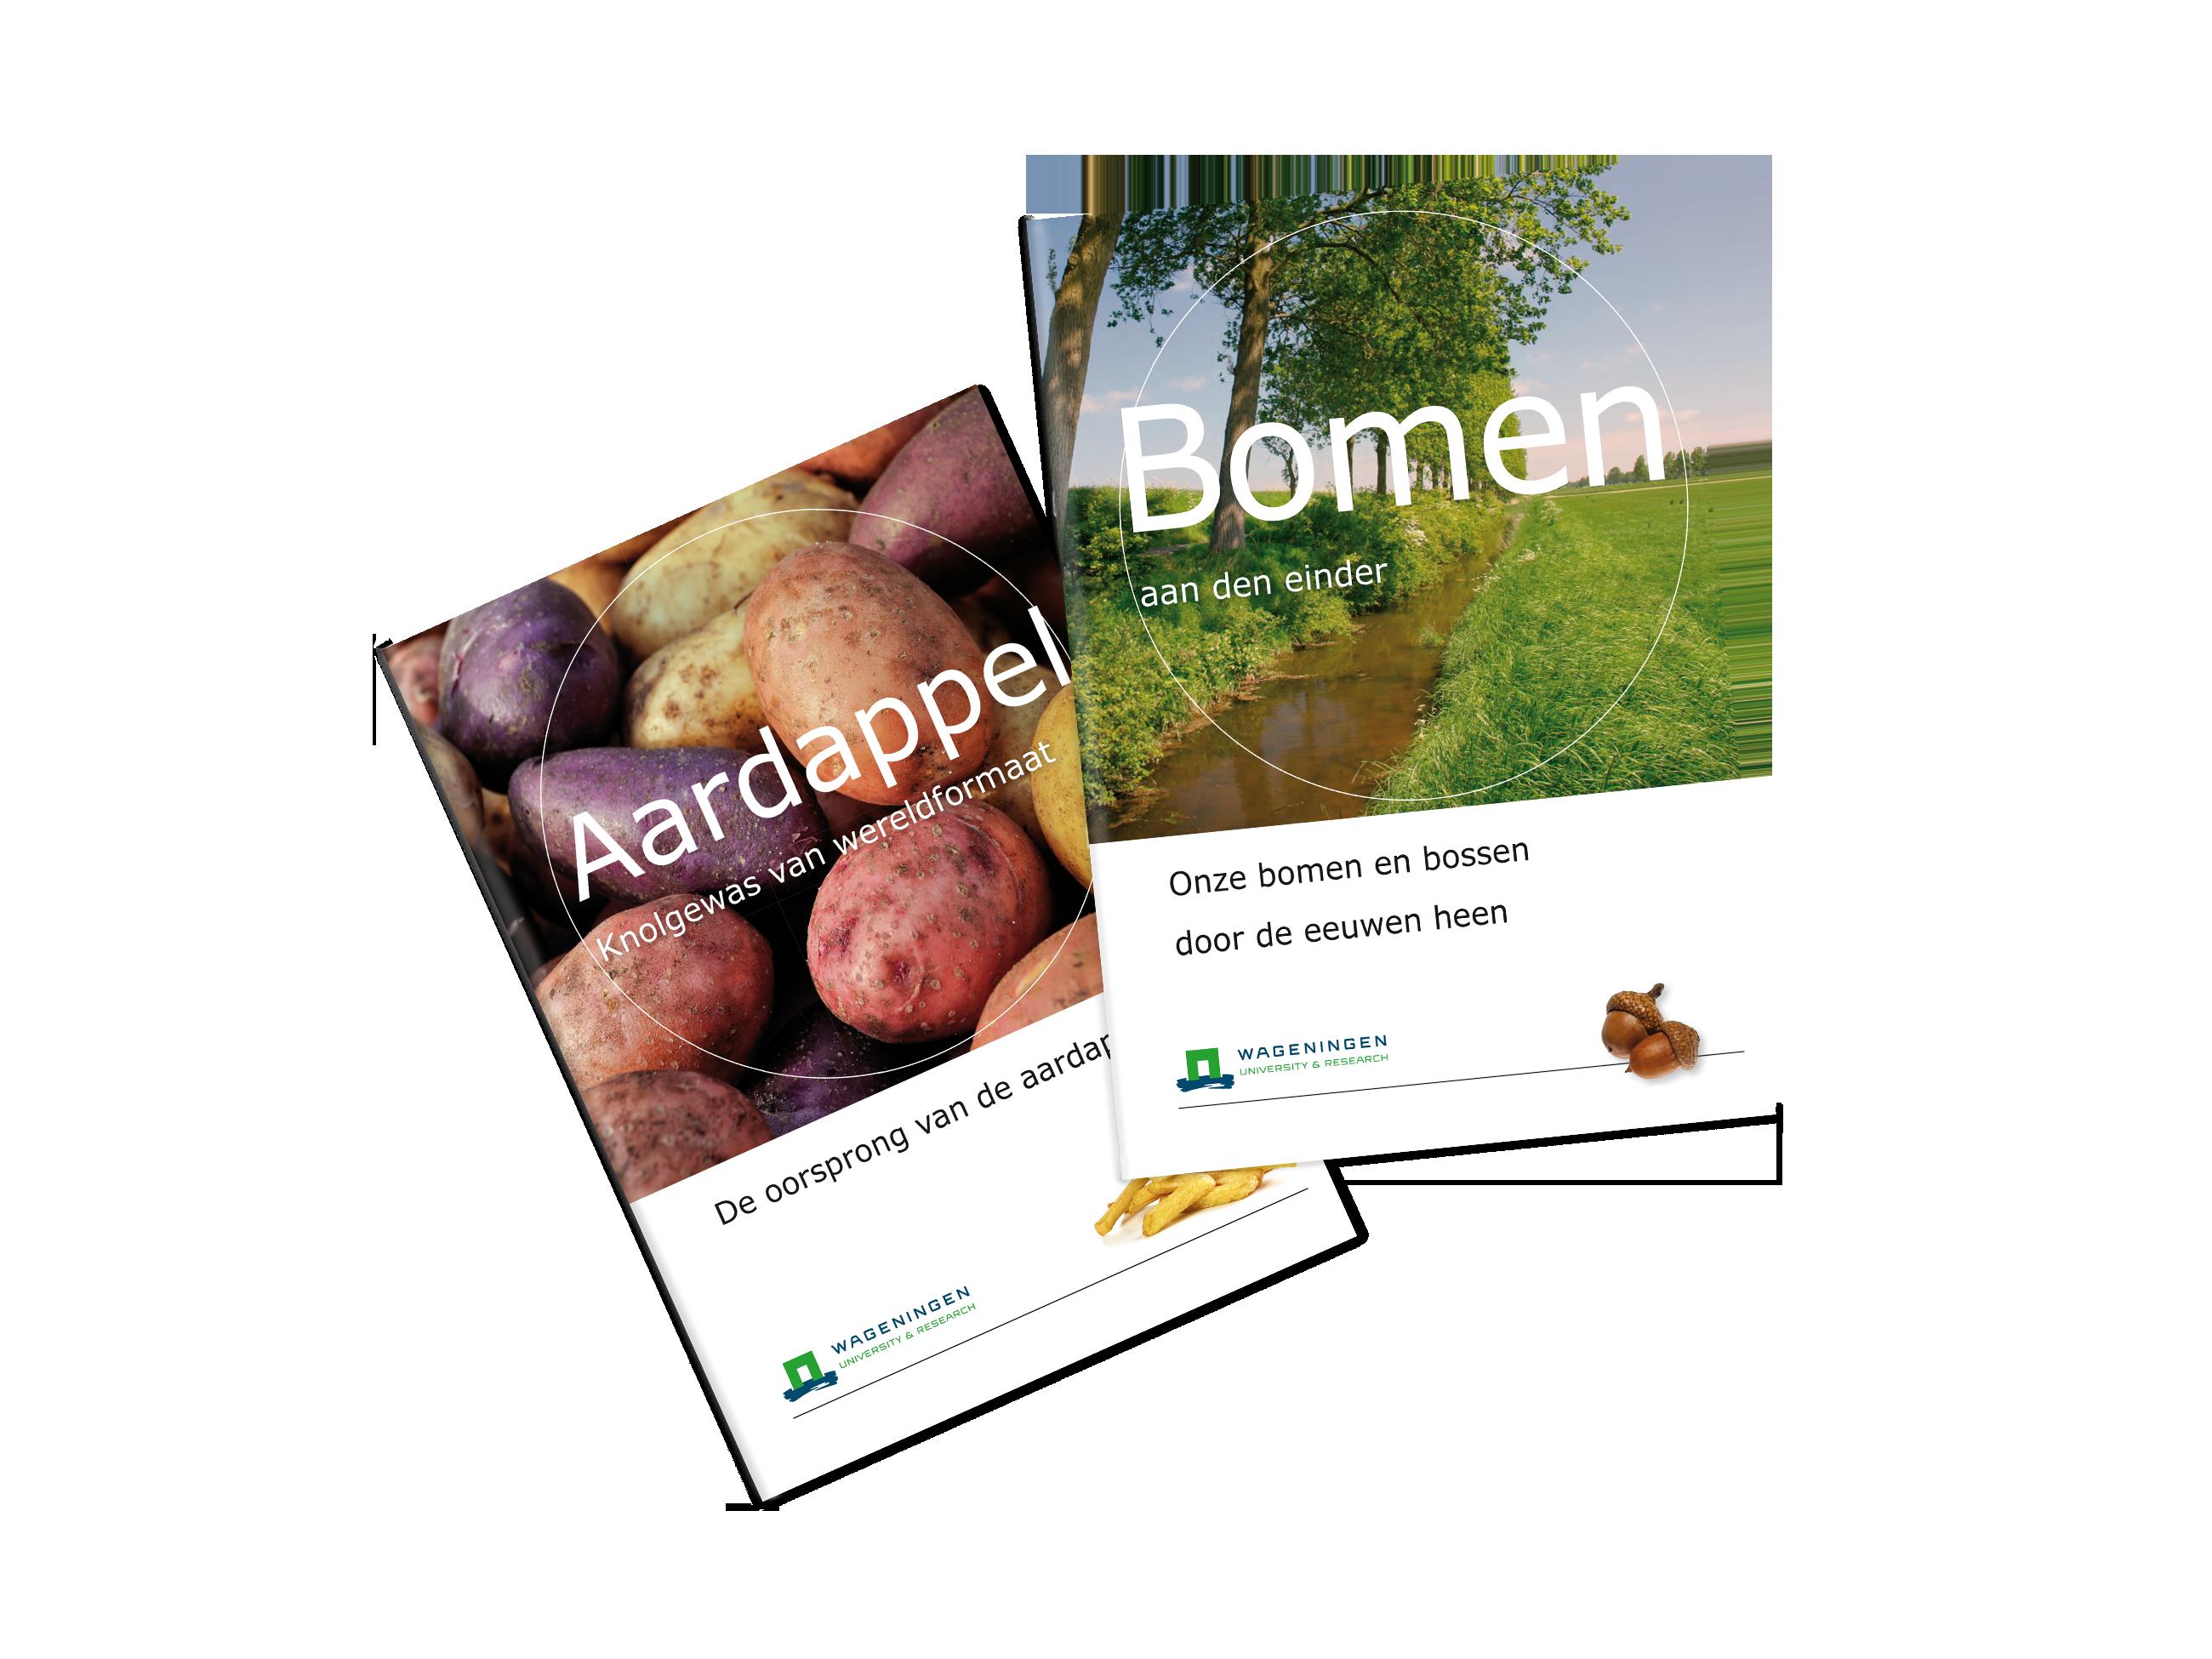 5 jaar: aardappel en bomen